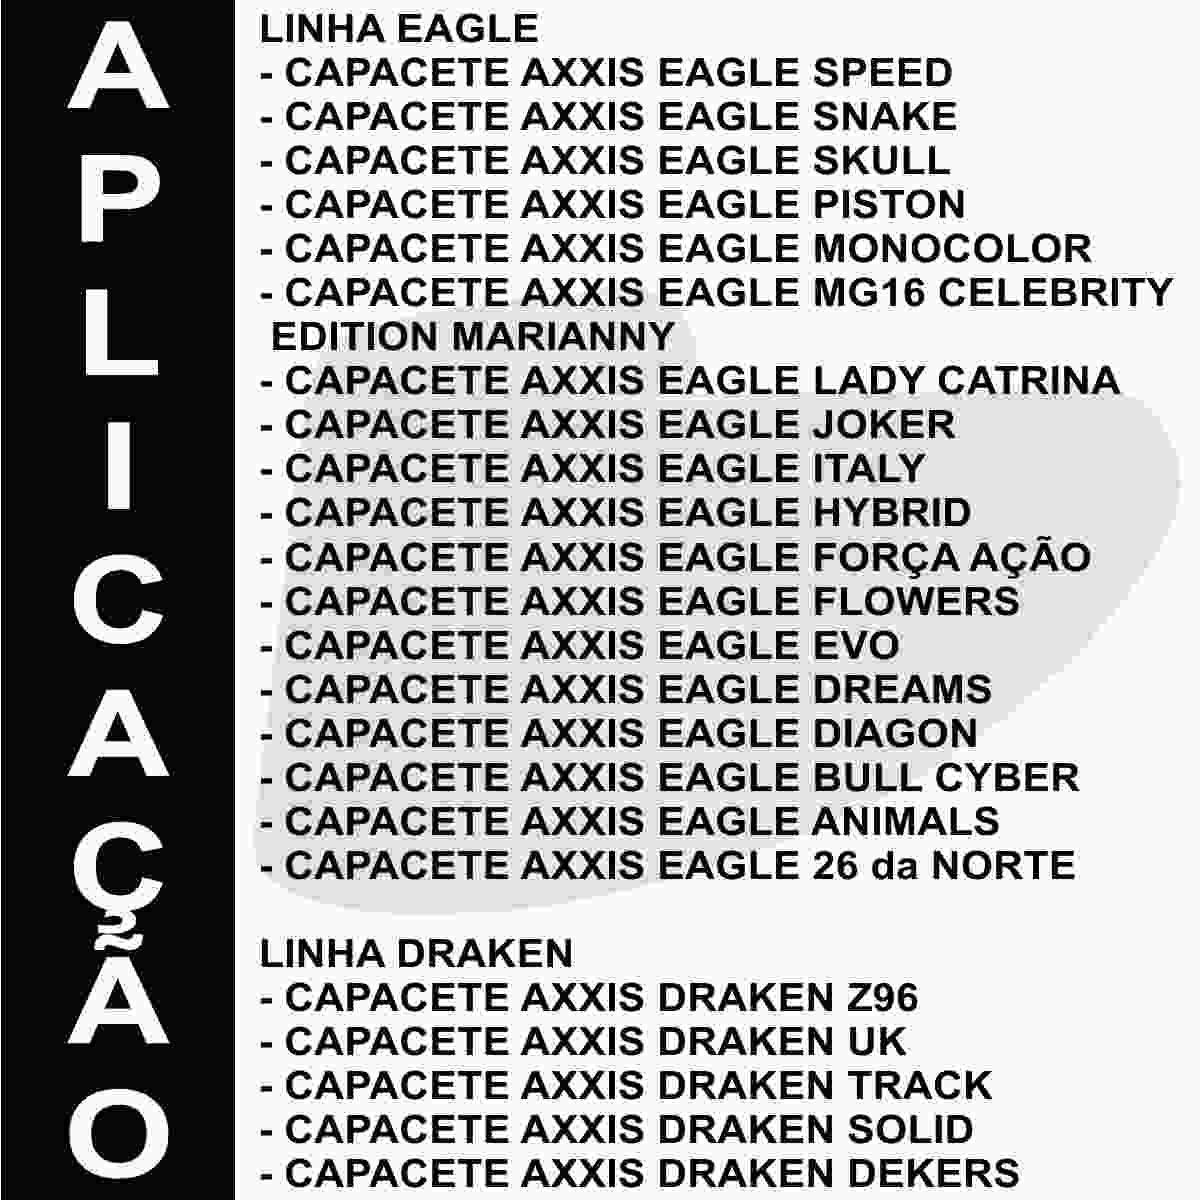 KIT VISEIRA AXXIS EAGLE/DRAKEN IRIDIUM CAMALEÃO V18 + SISTEMA DE RETENÇÃO DE VISEIRA